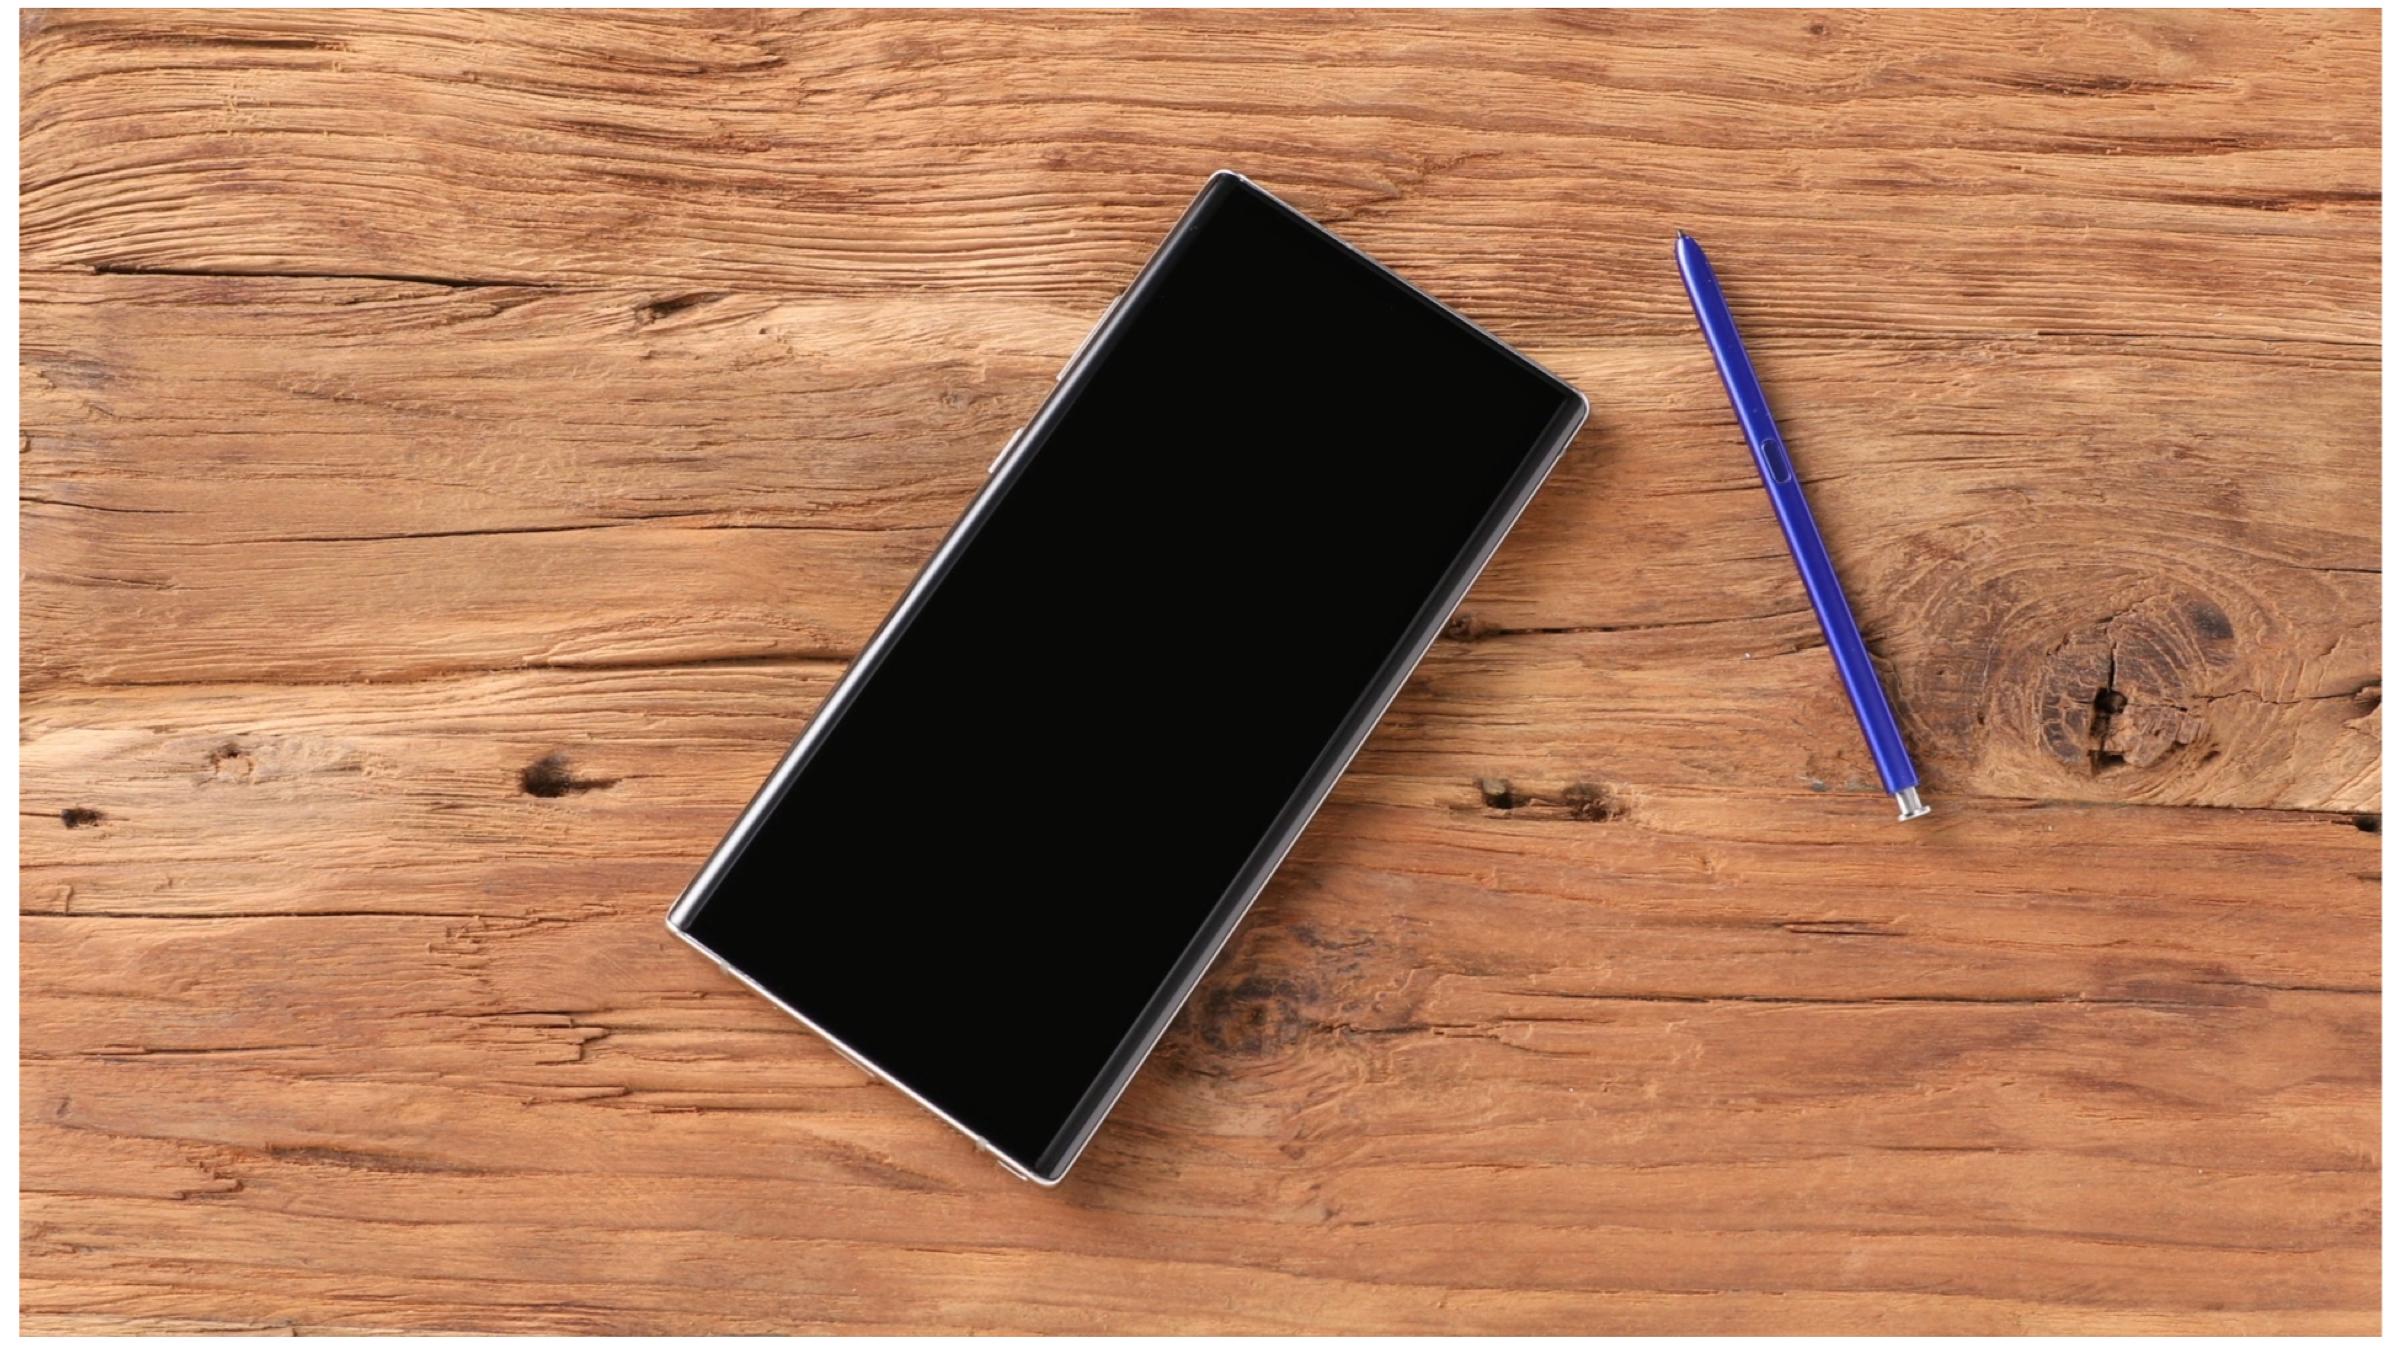 OnePlus 7 Pro Vs Galaxy Note 10+, welches solltest du wählen? 7